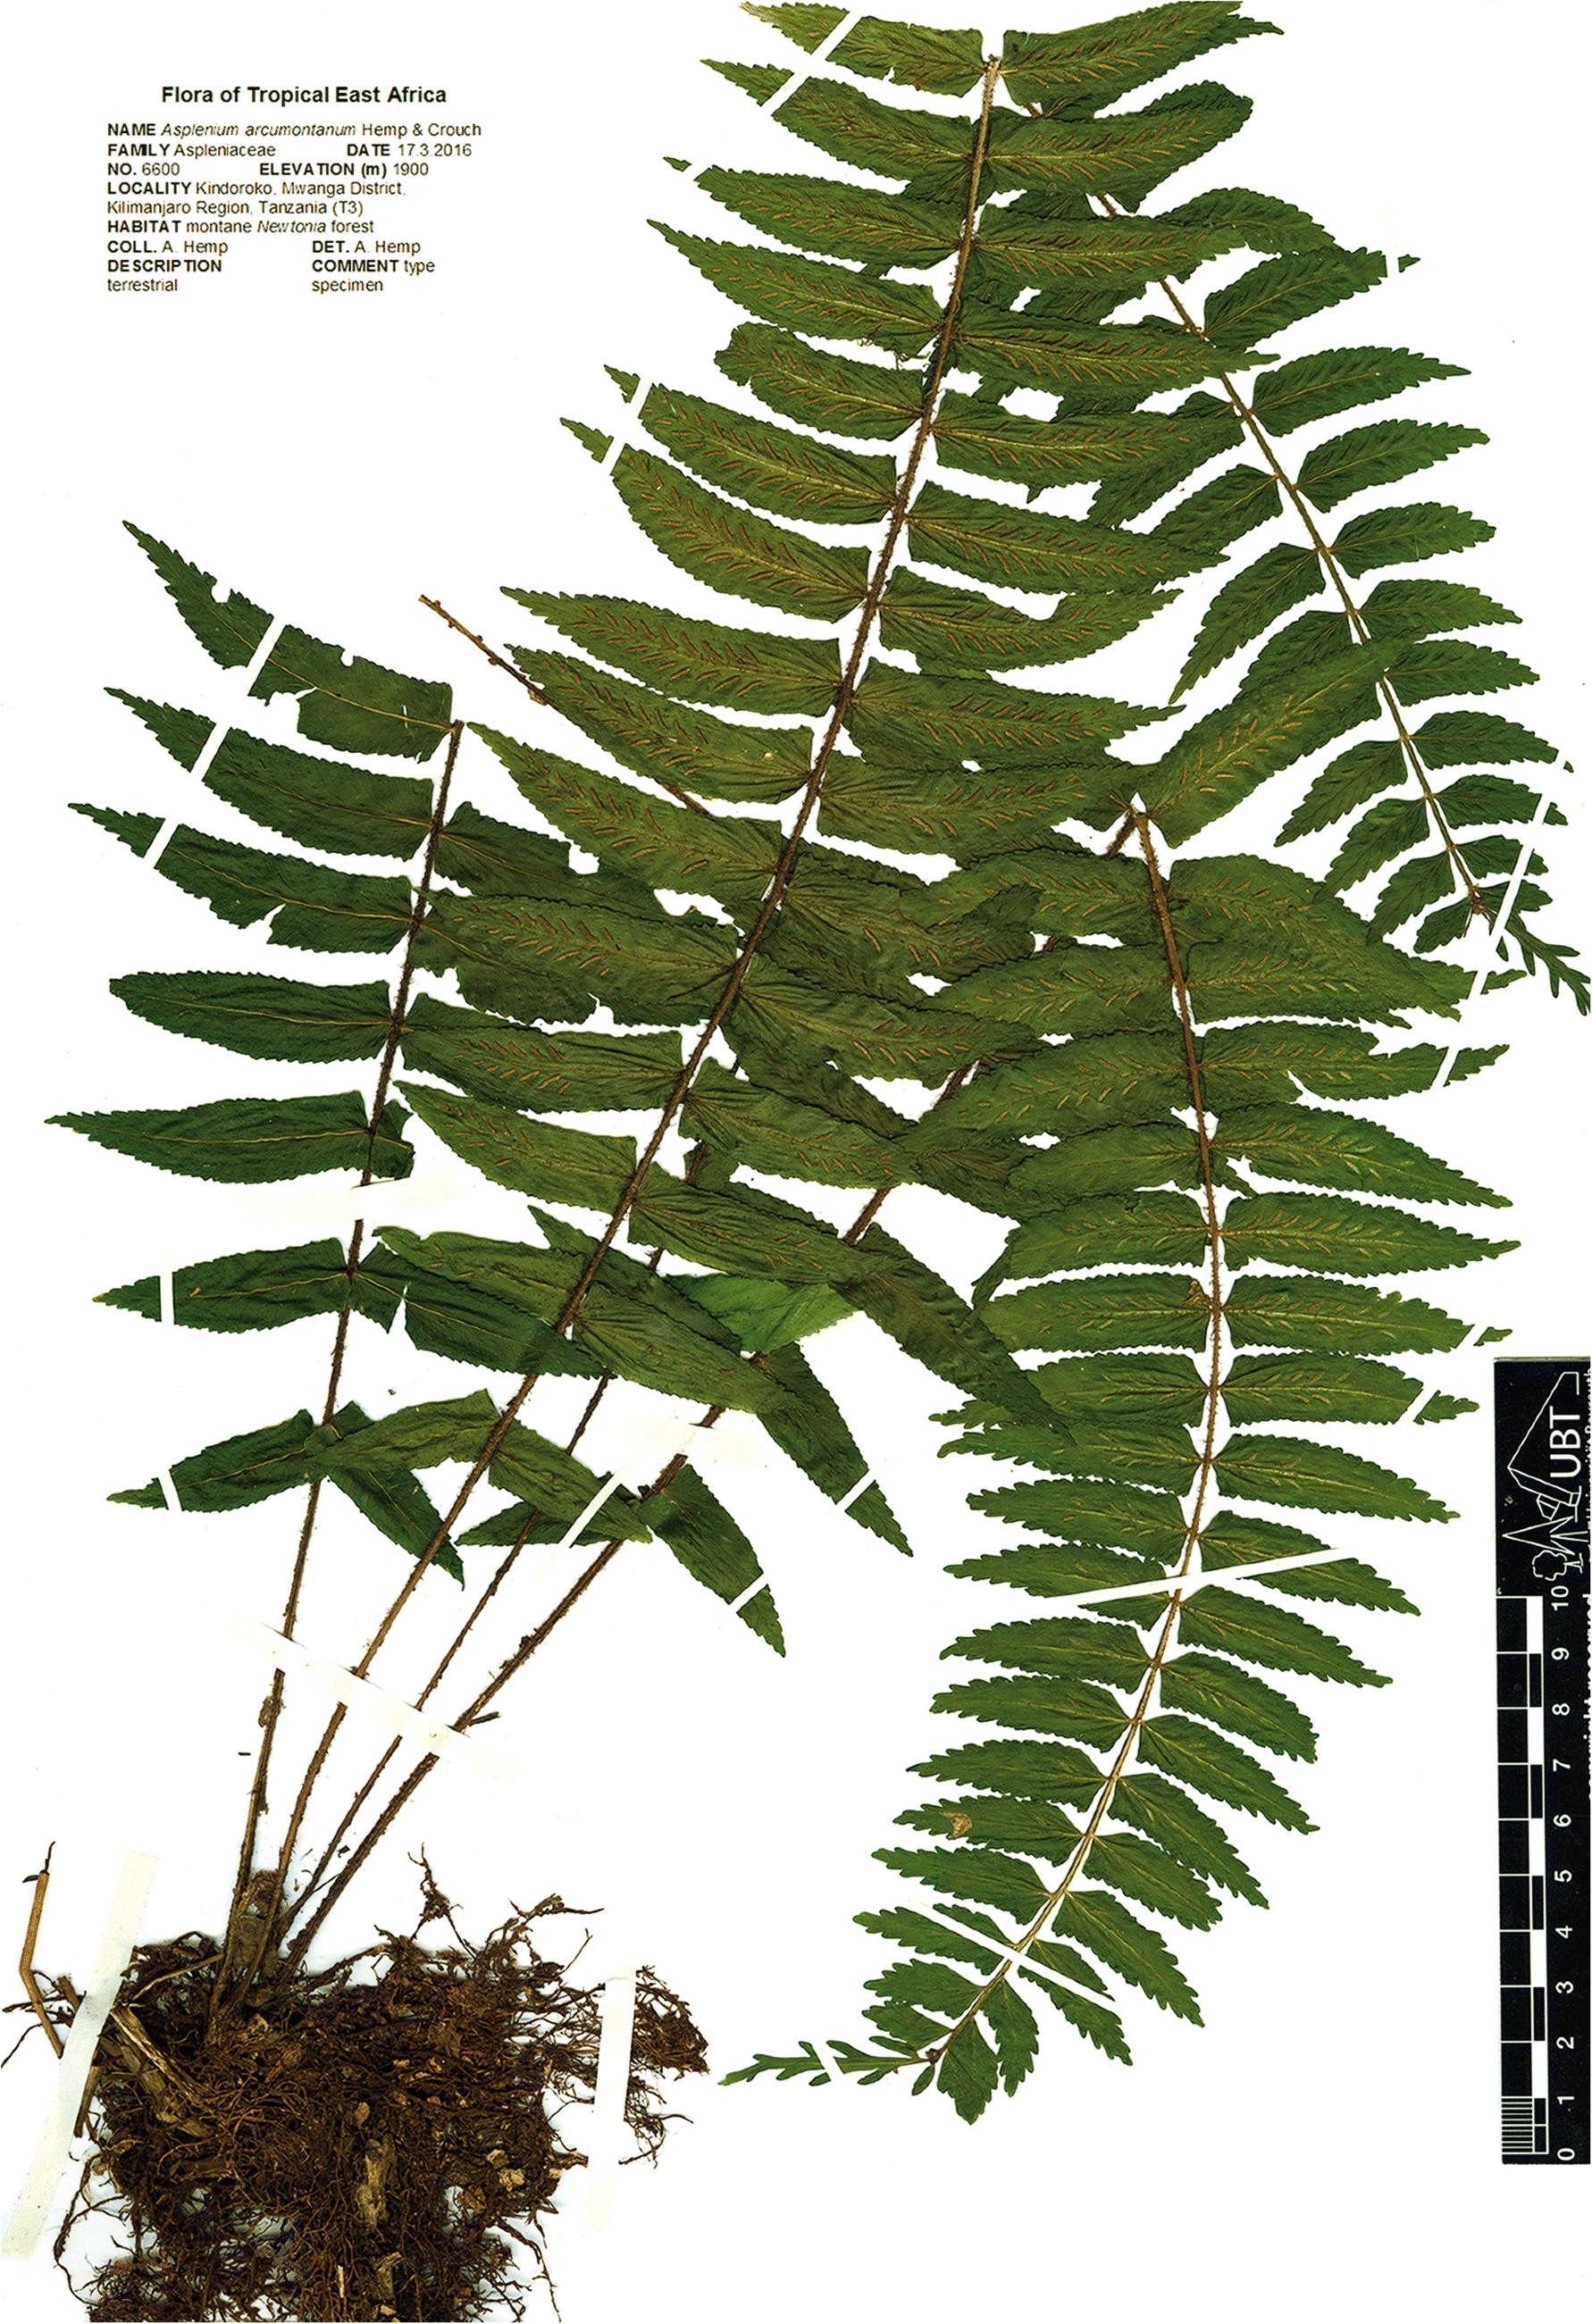 Asplenium arcumontanum (Aspleniaceae), a new species from